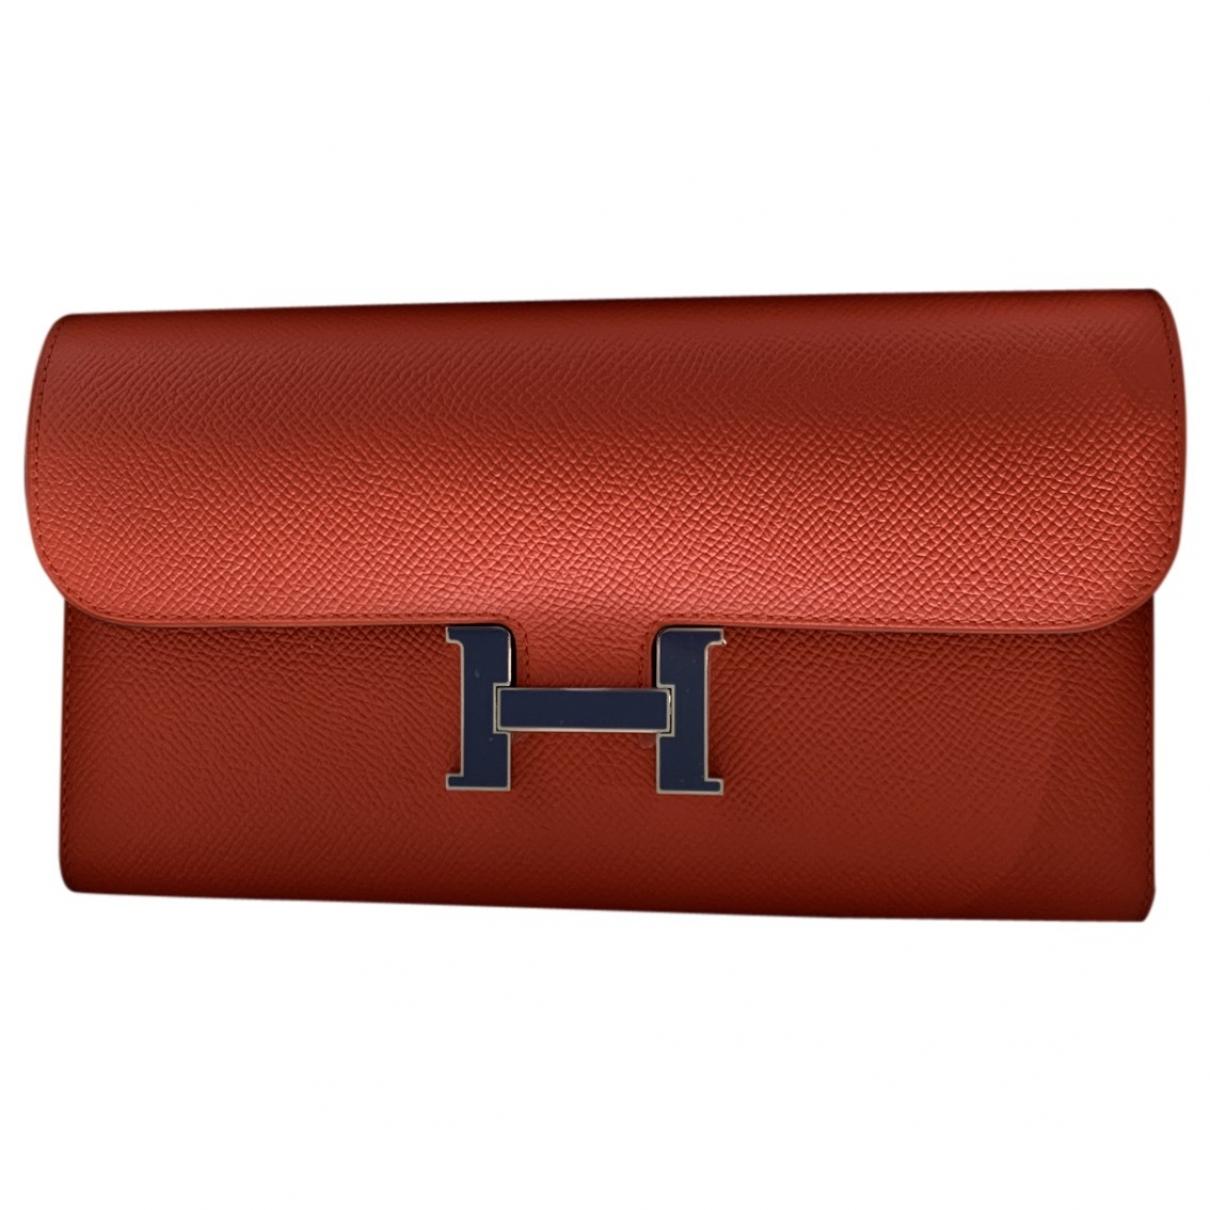 Hermes Constance Portemonnaie in  Rot Leder